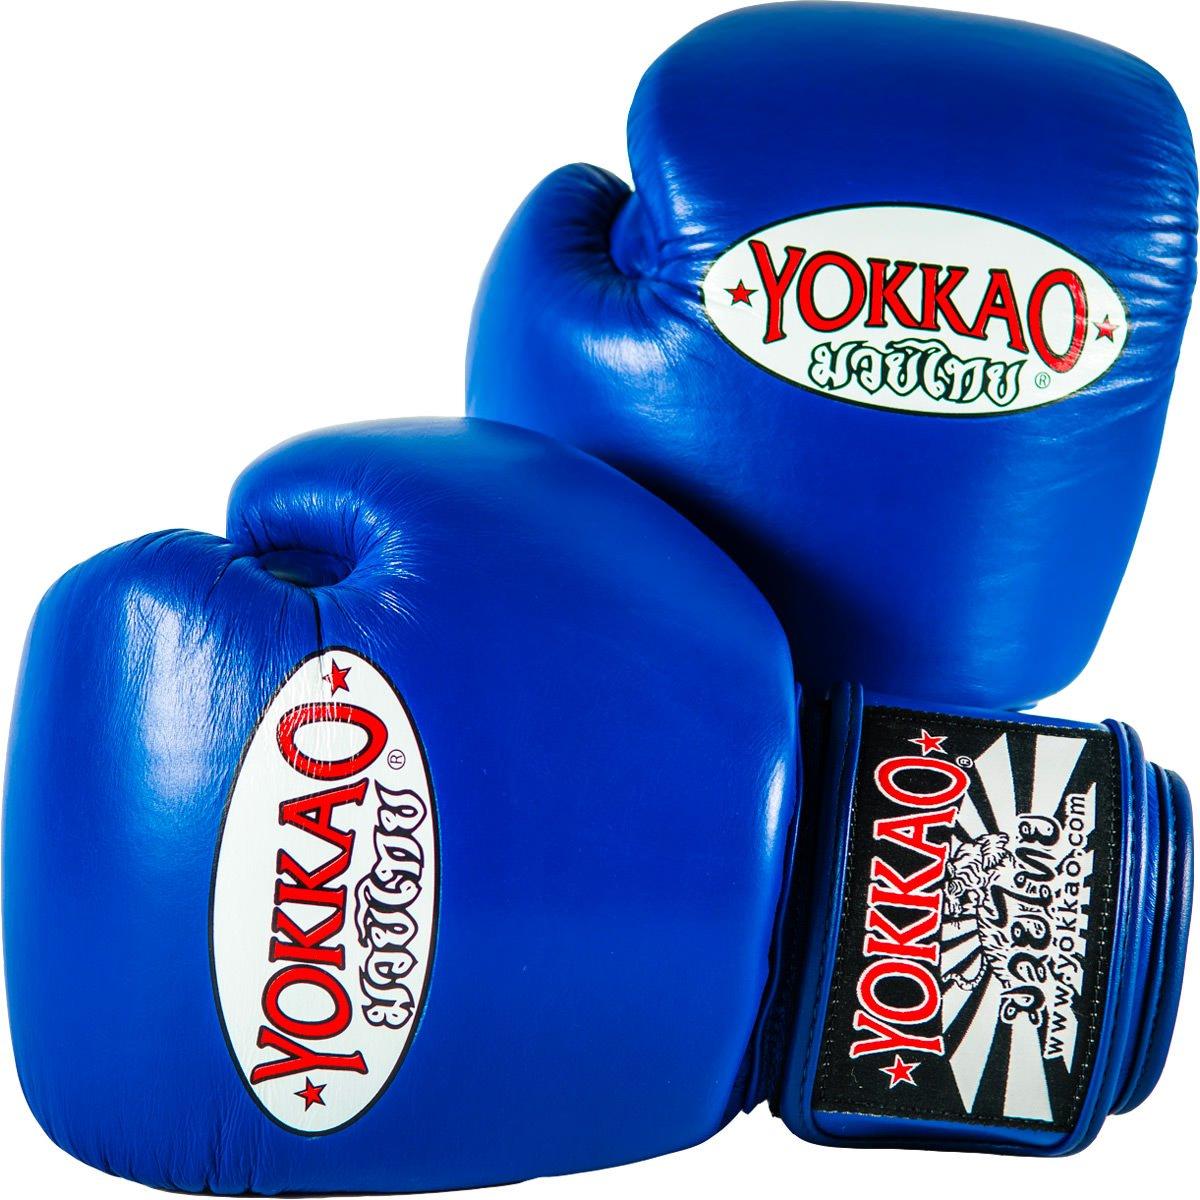 Yokkaoマトリックスブルータイ式ボクシンググローブ、キックボクシング、MMA、Martial Arts公式ストア B07C9XNCXX  14oz